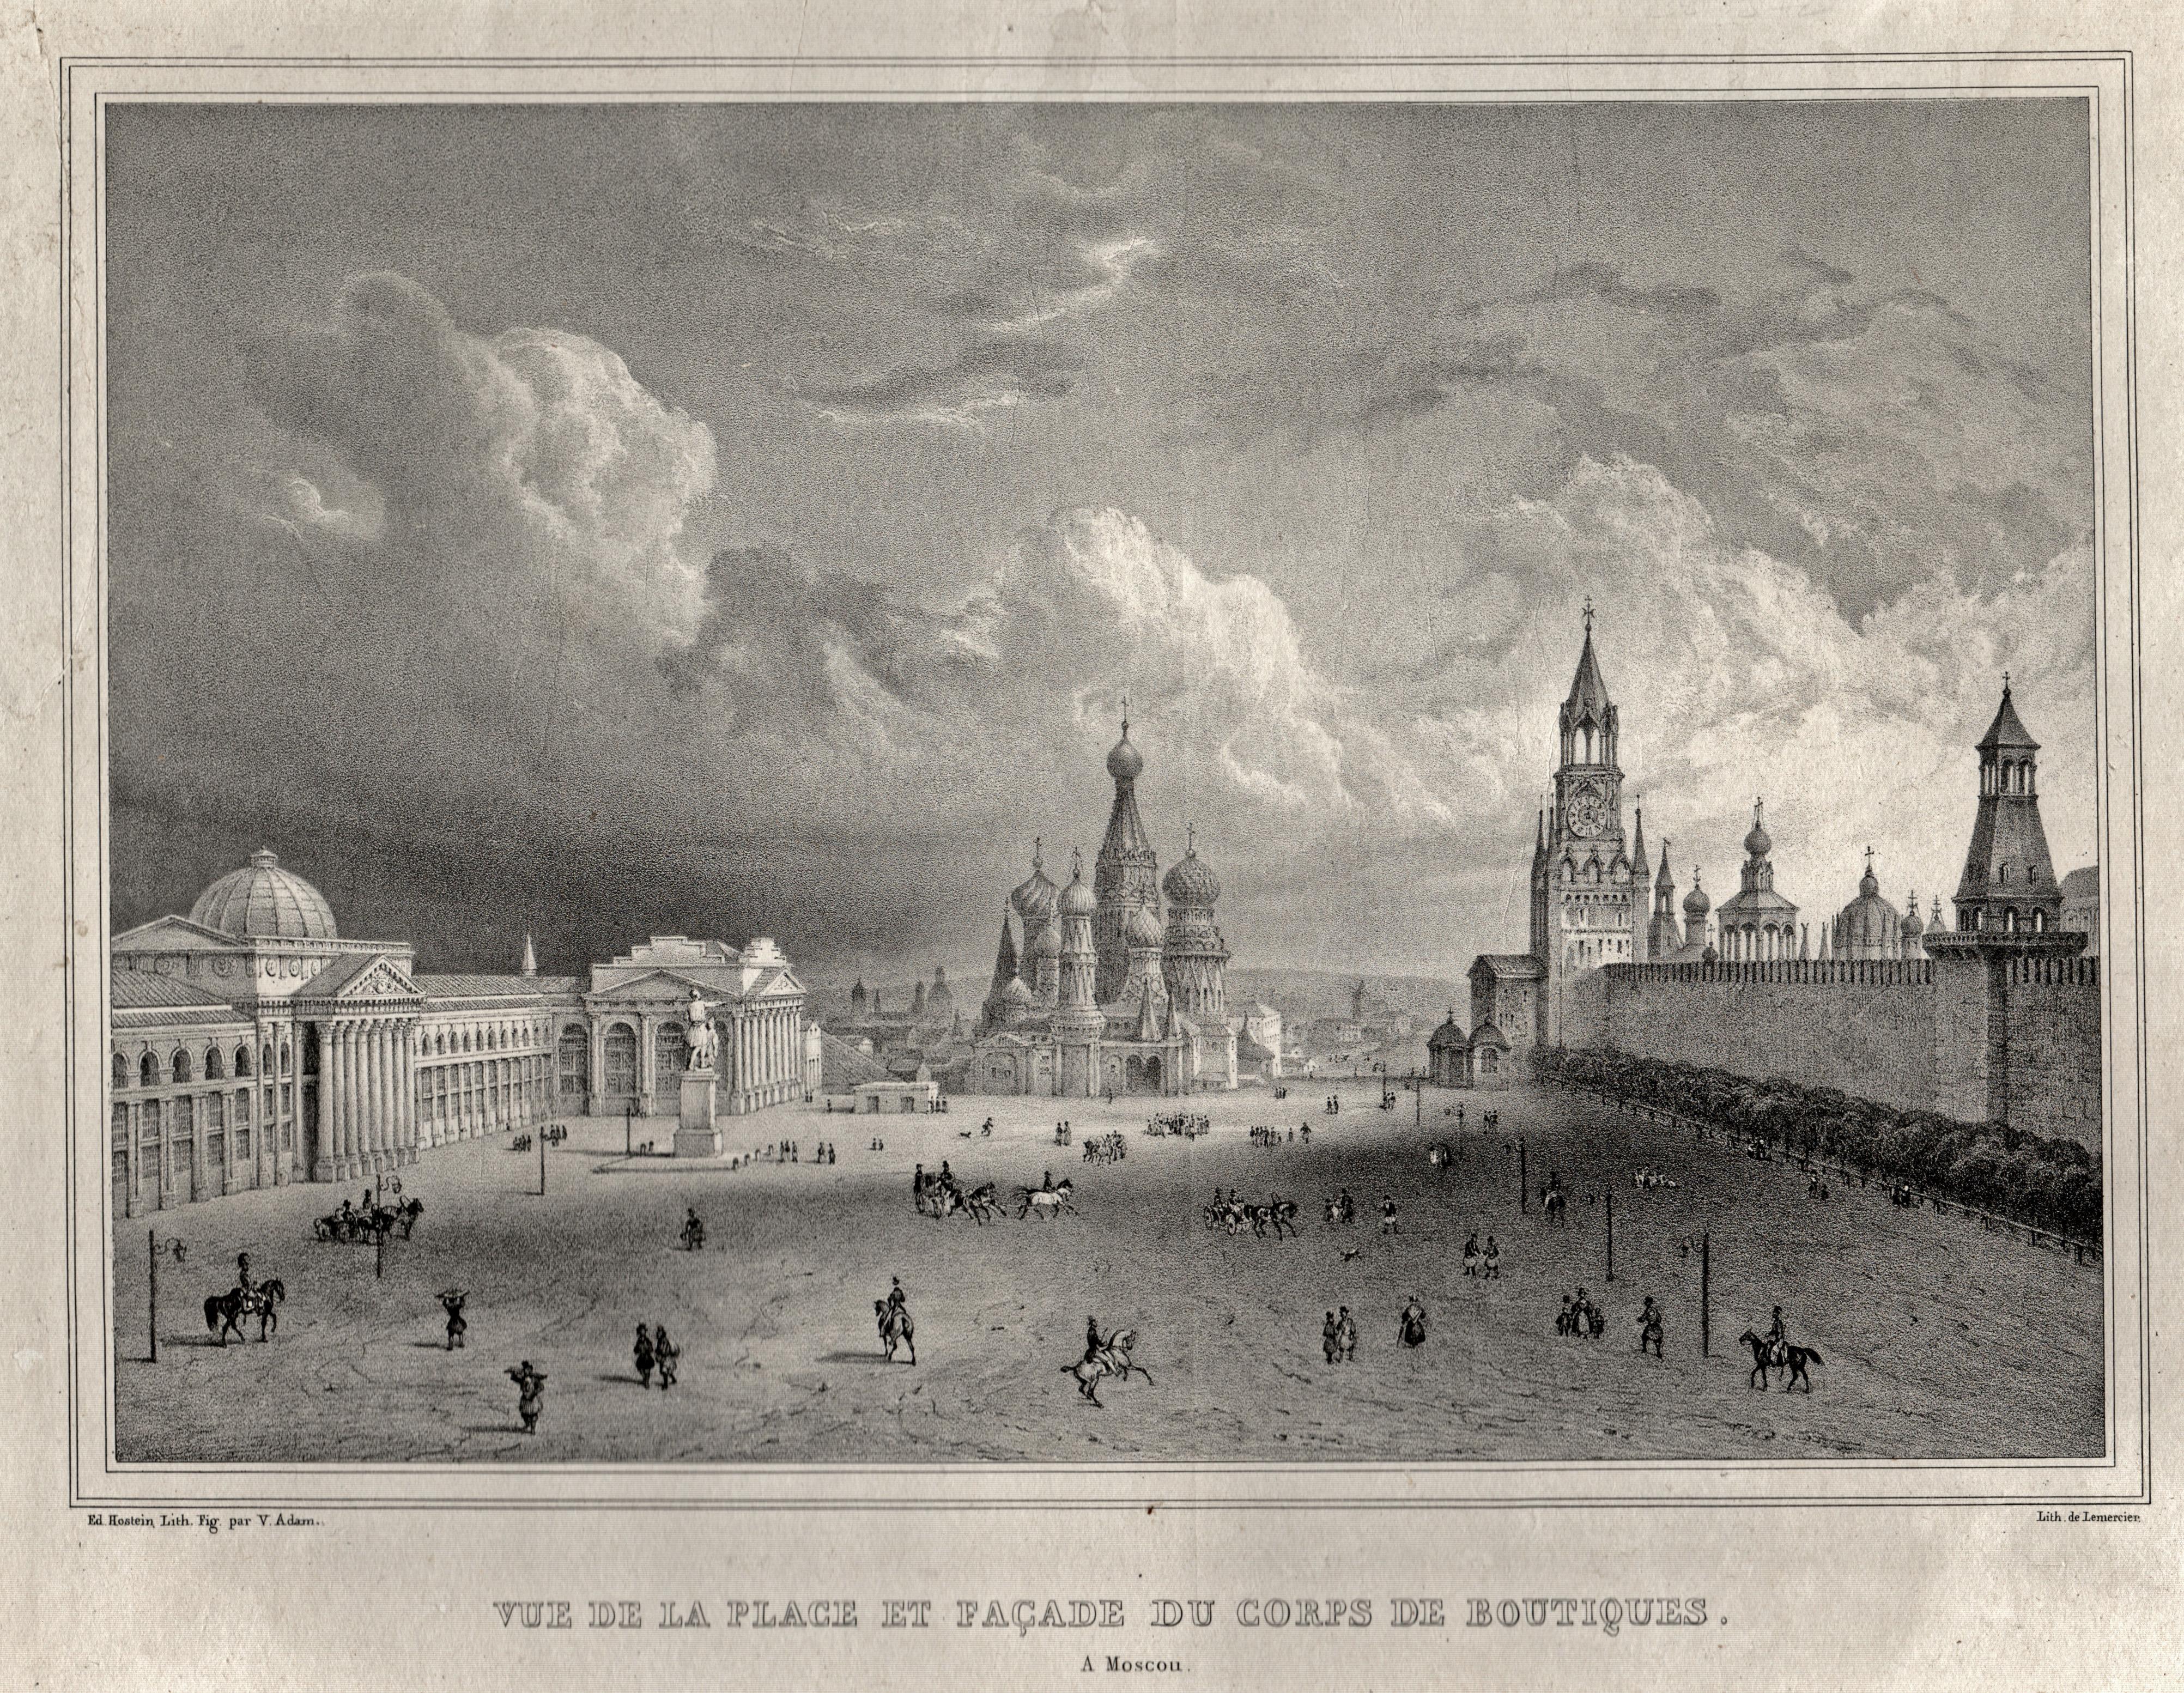 Comment Faire Un Bucher En Bois vialibri ~ rare books from 1840 - page 8